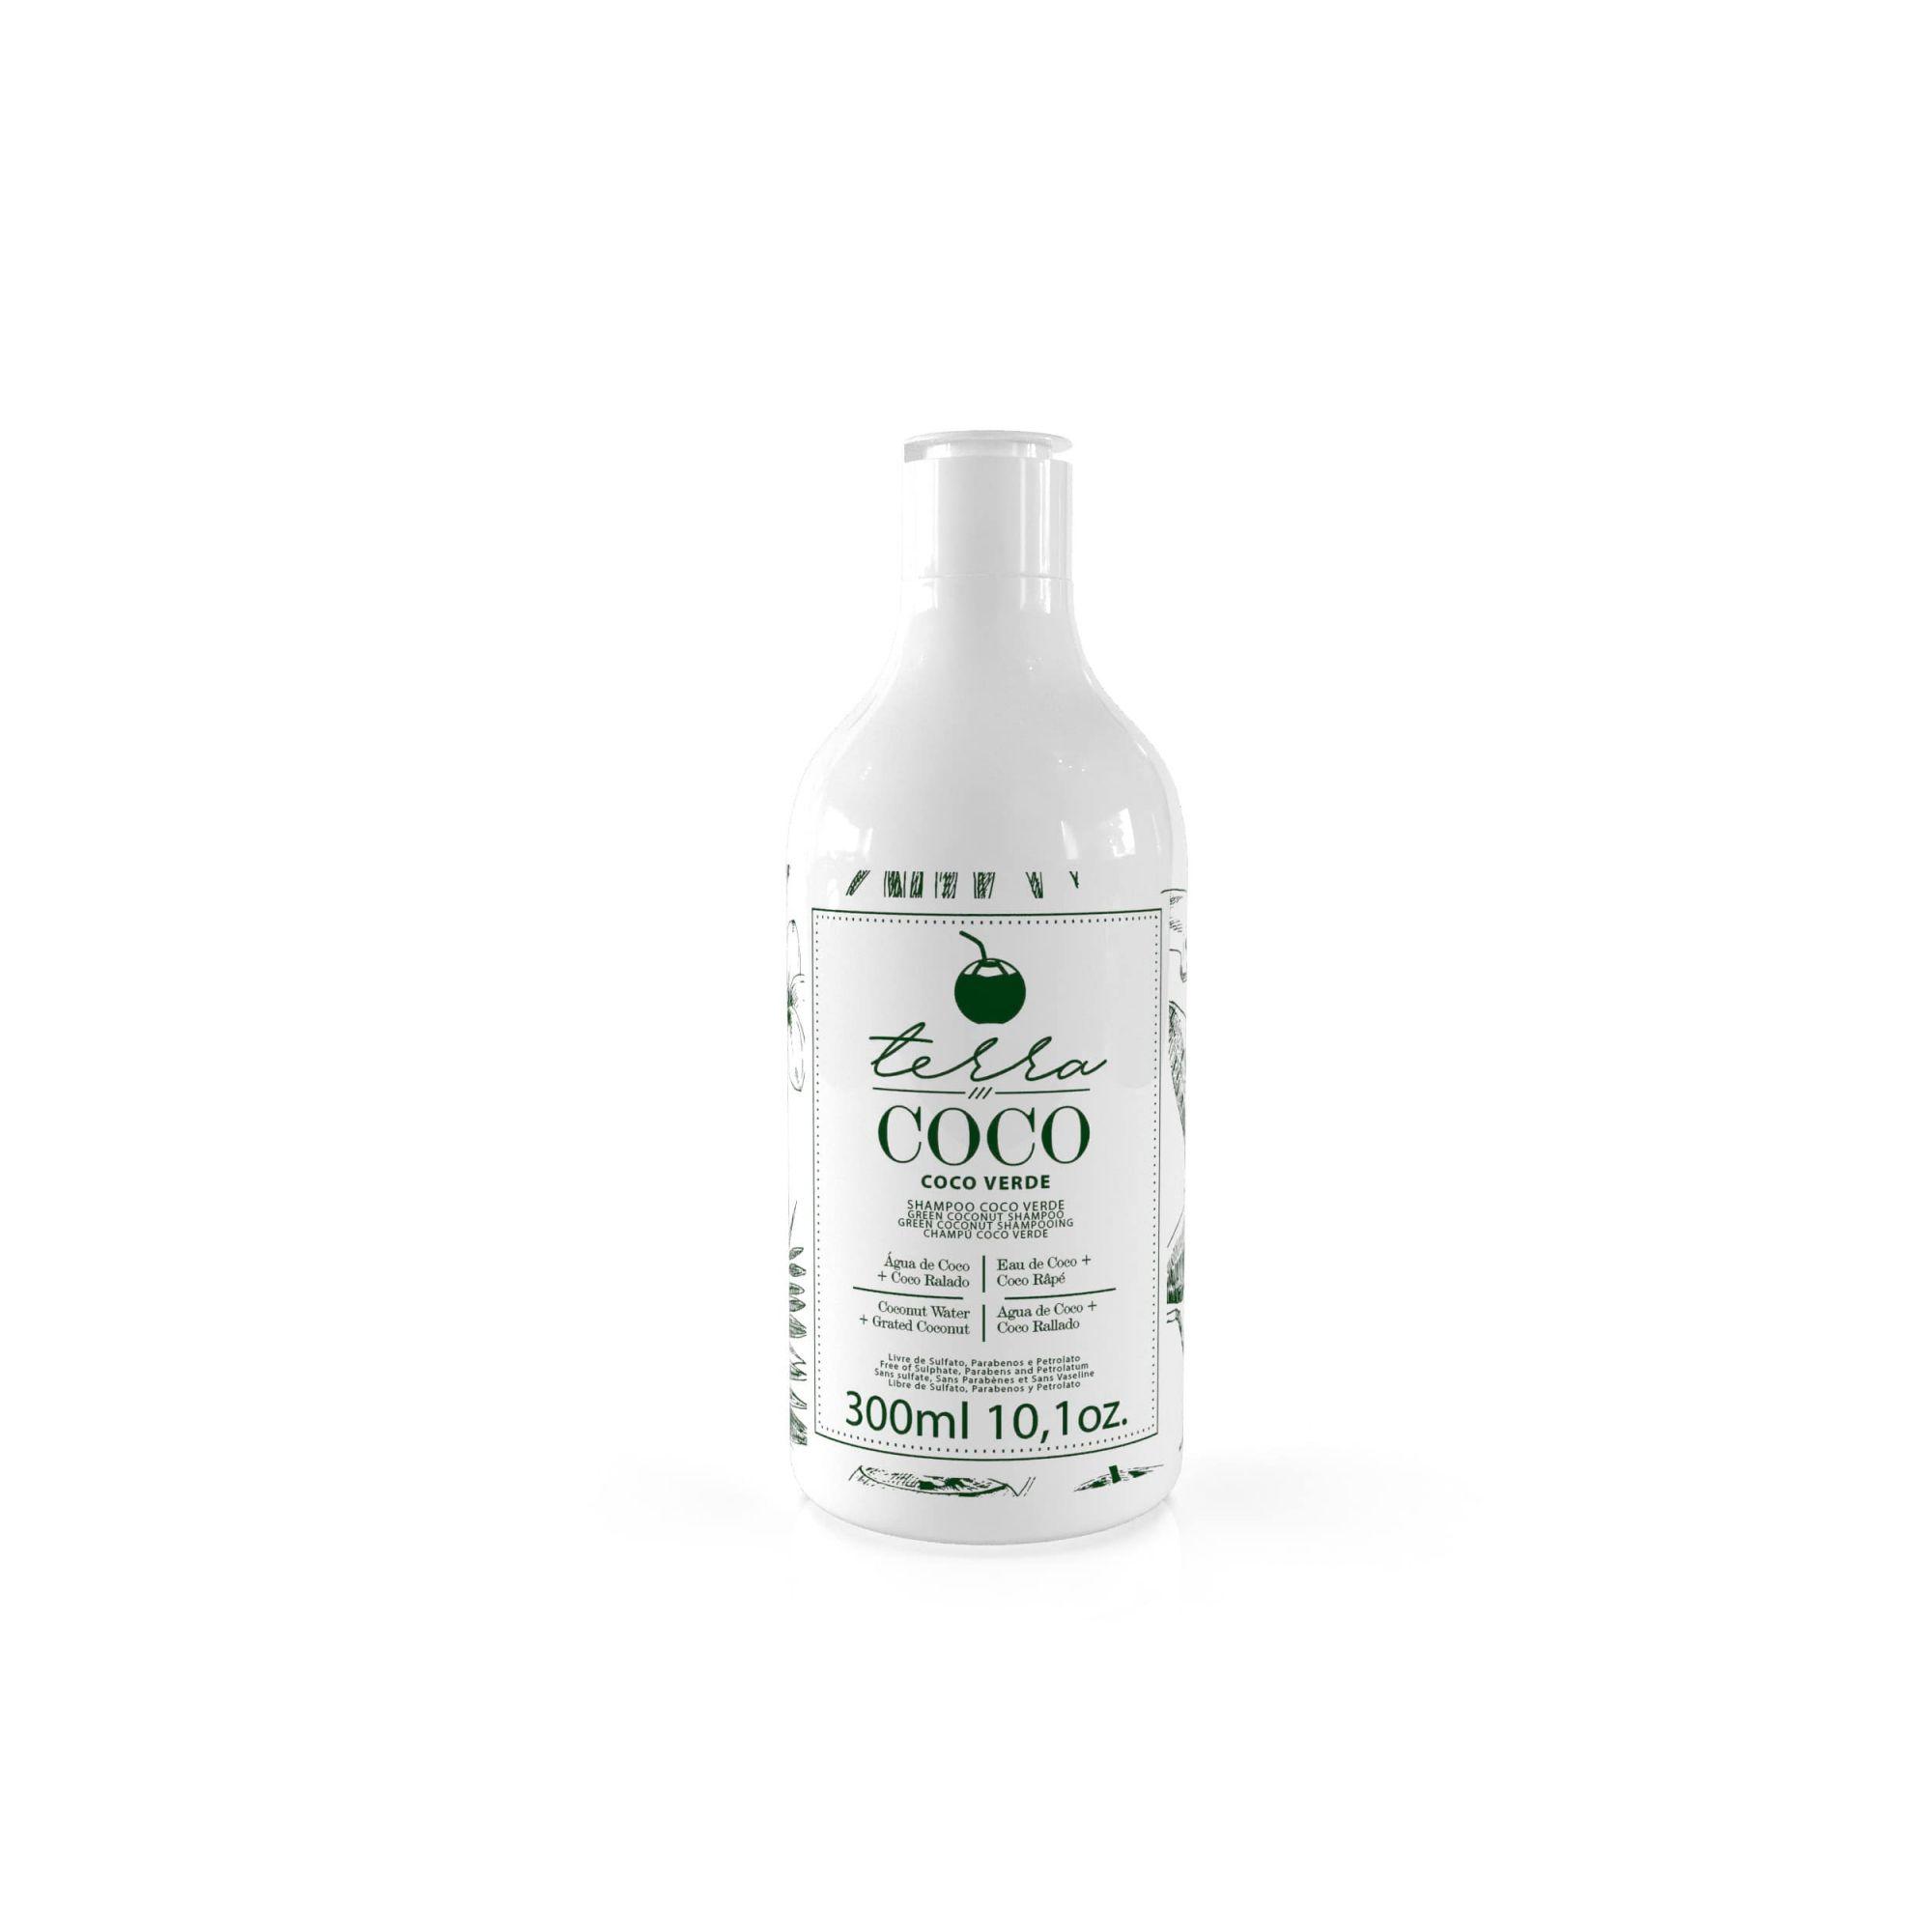 Shampoo Coco Verde  300ml - Terra Coco